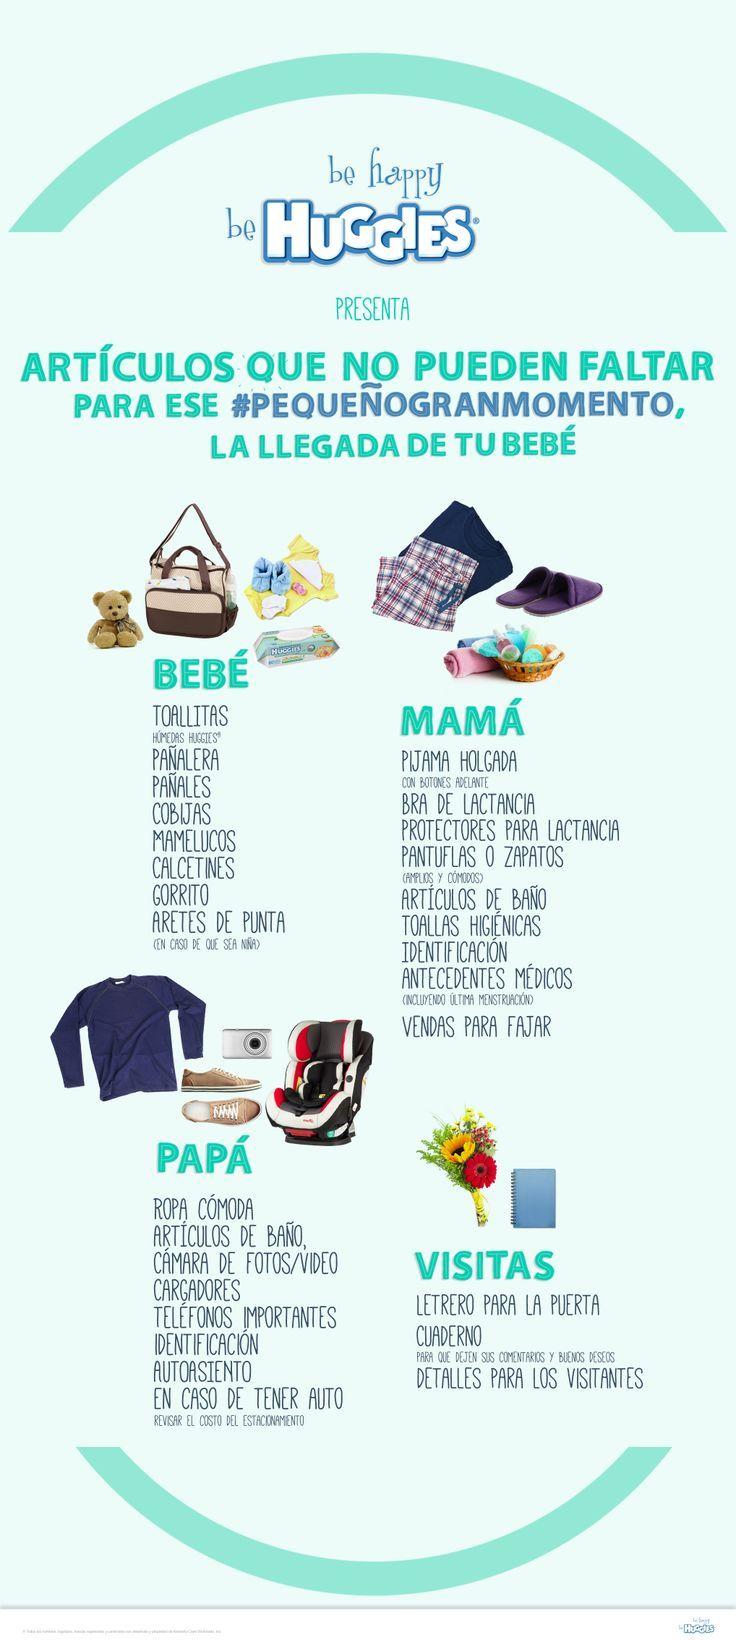 Conoce los artículos que no pueden faltarte a la hora de recibir a tu #bebé. https://www.huggies.com.mx/site/Cuidados/